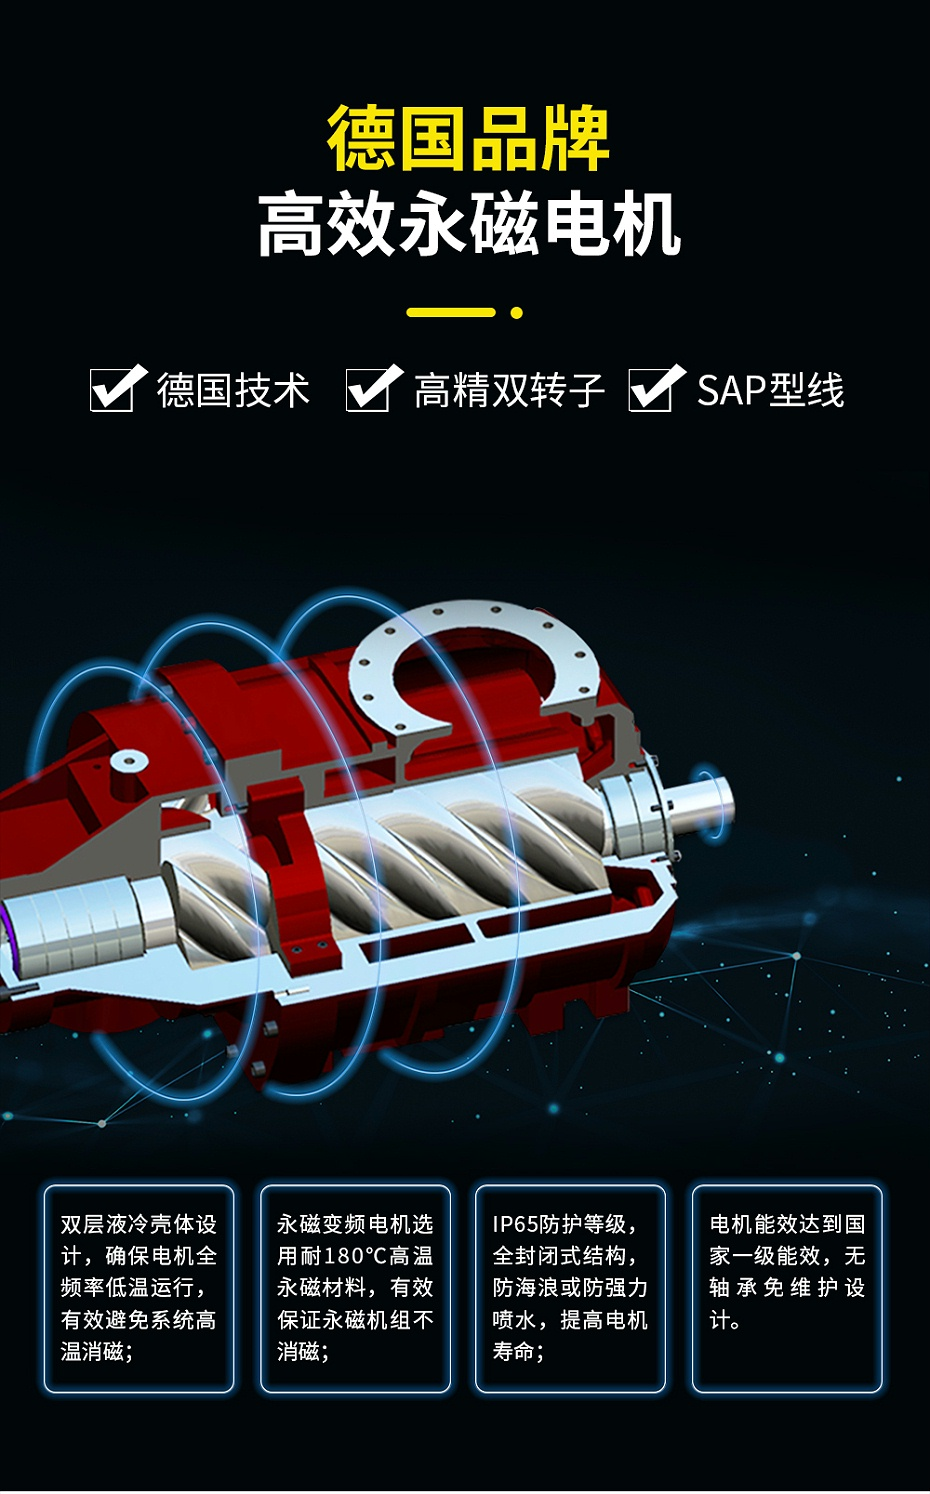 斯可络永磁变频节能高效电机